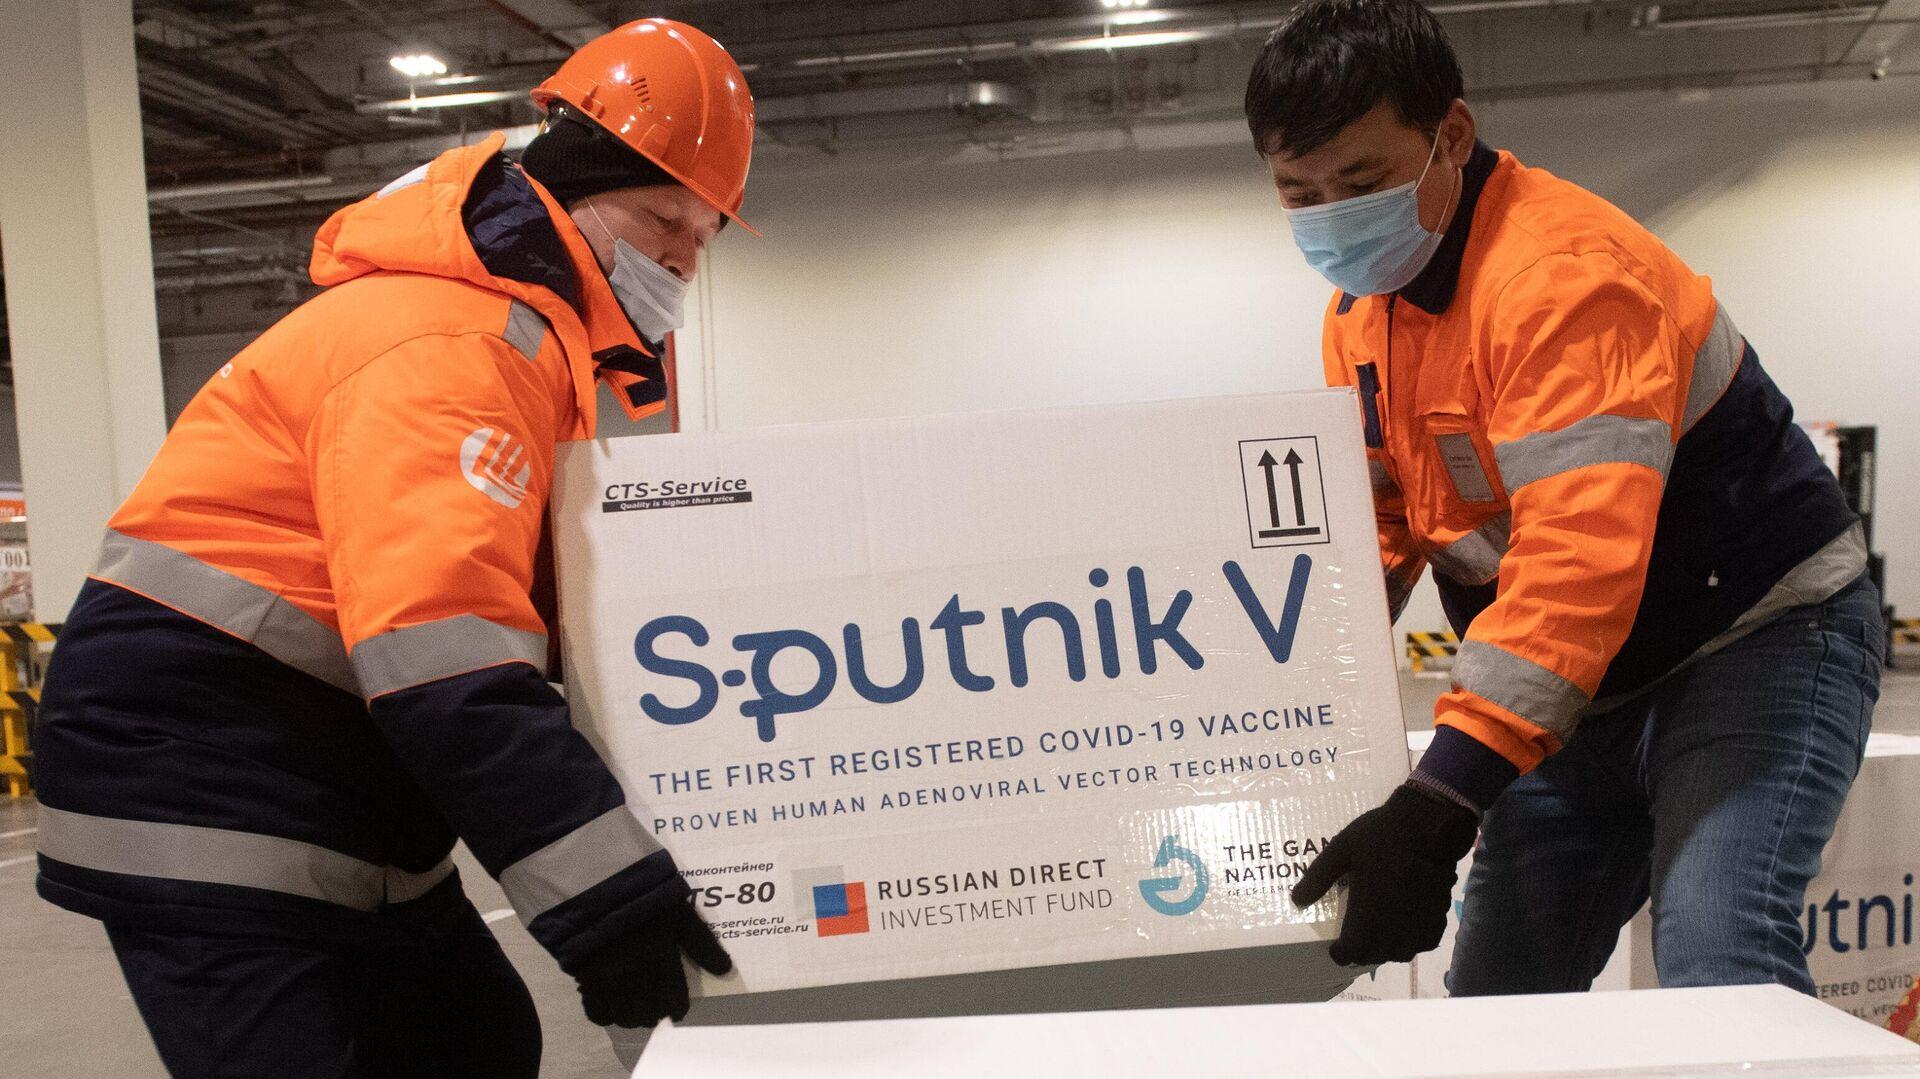 Доставка вакцины Sputnik V на склад в грузовой терминал Москва Карго - РИА Новости, 1920, 29.04.2021